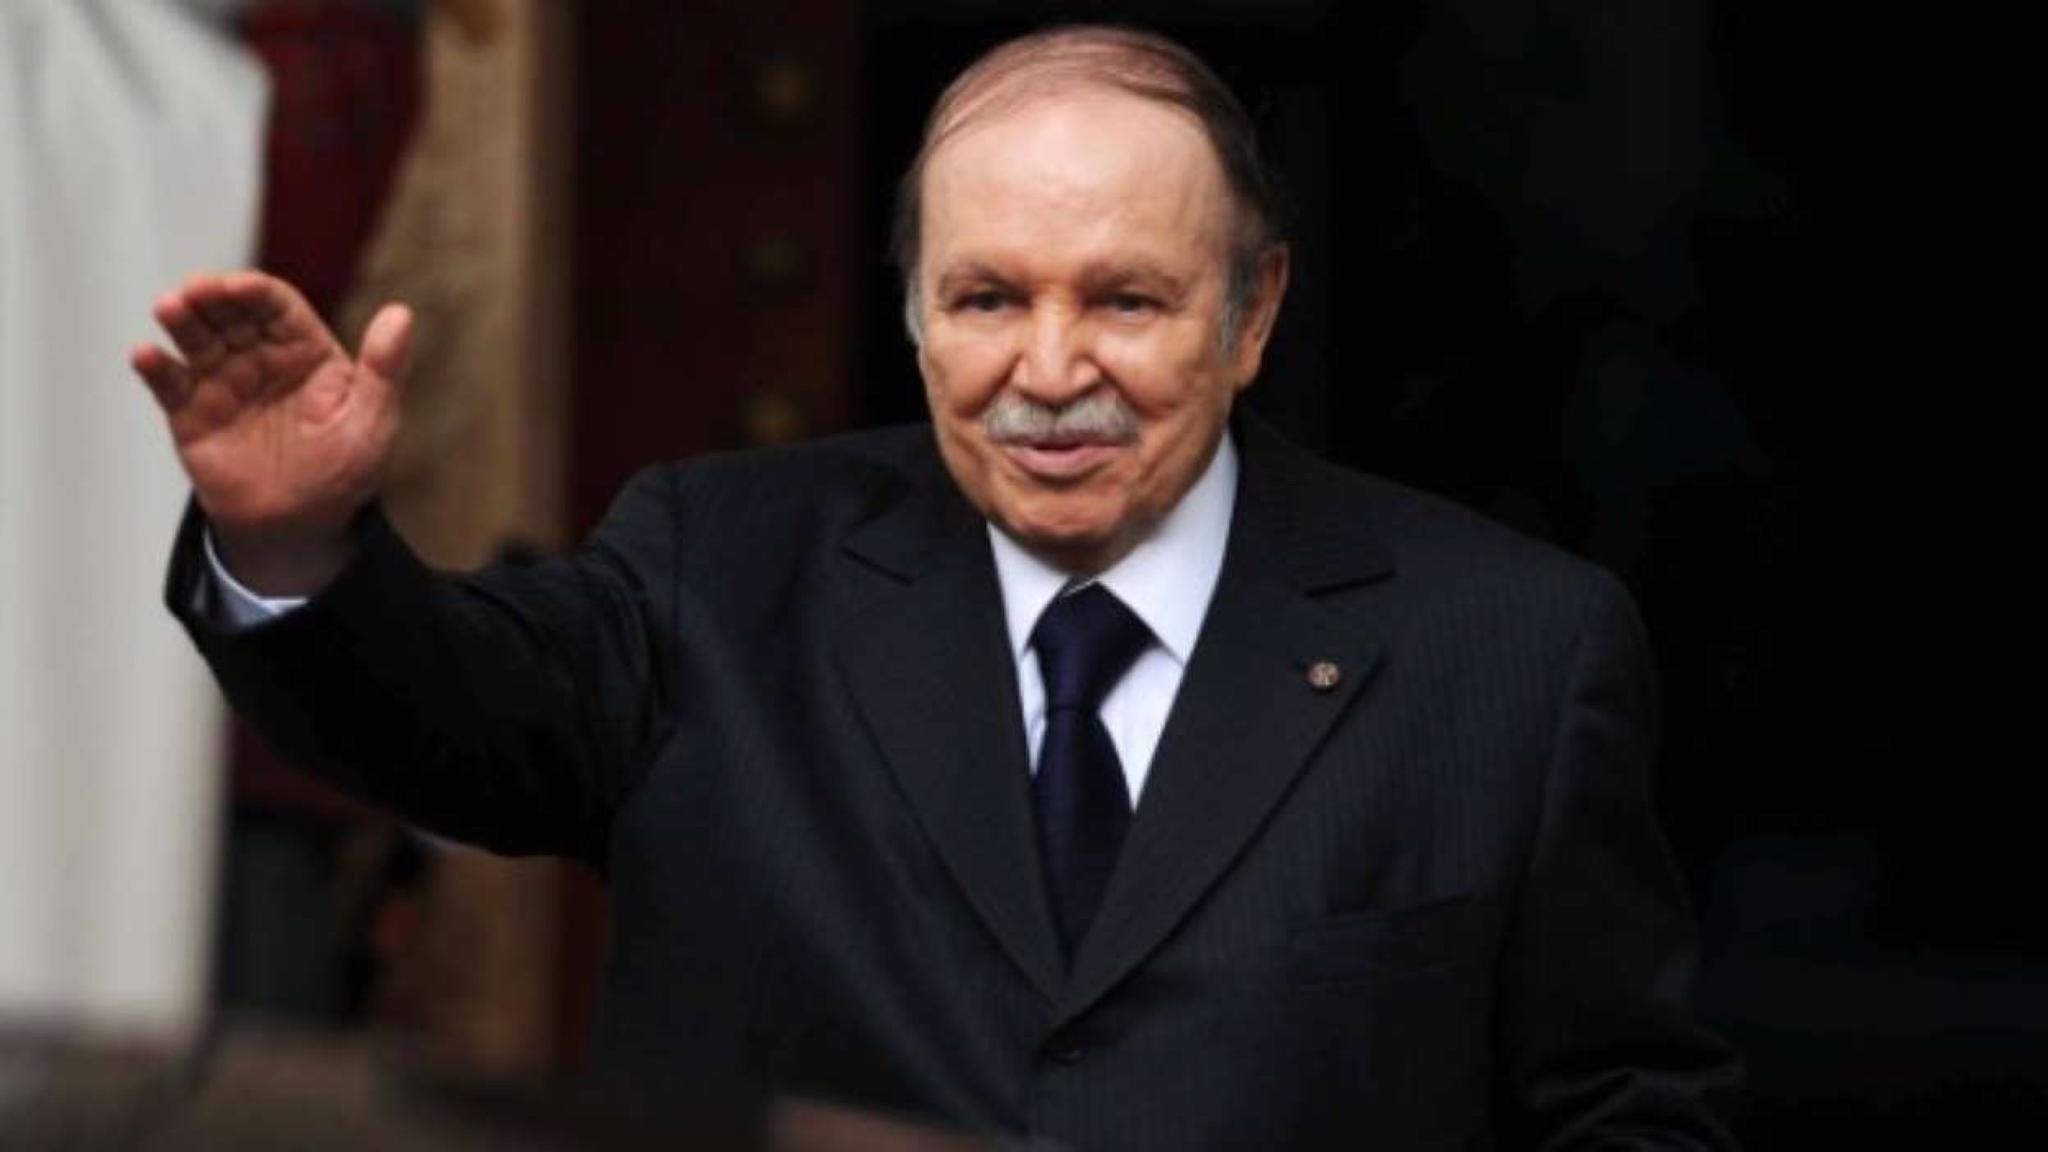 82岁的阿尔及利亚现总统寻求第五任期 数千人抗议